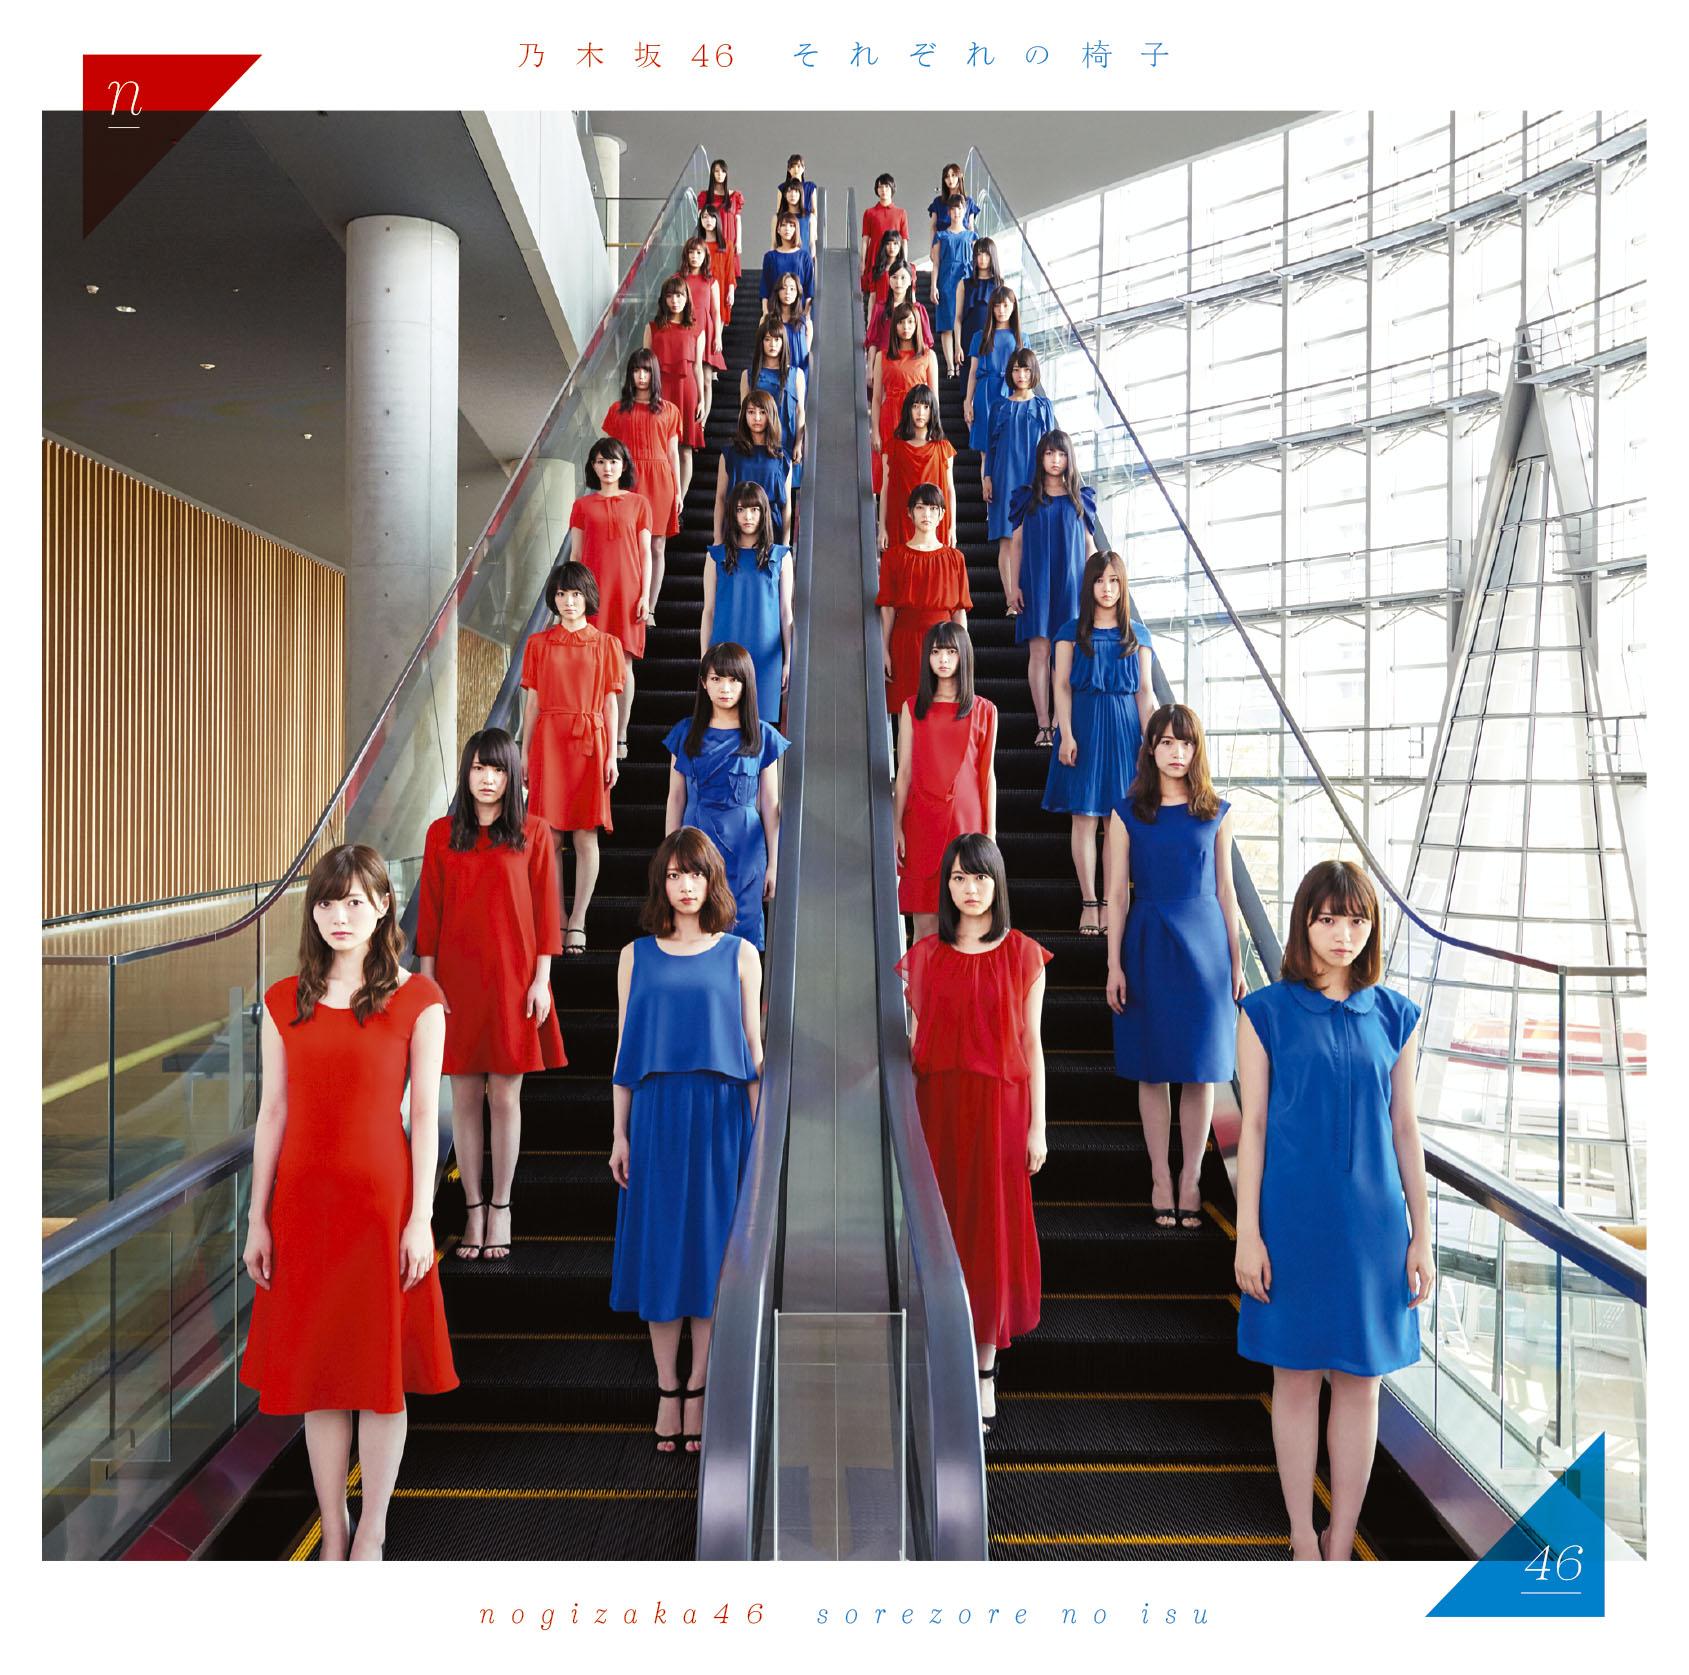 乃木坂46 - それぞれの椅子